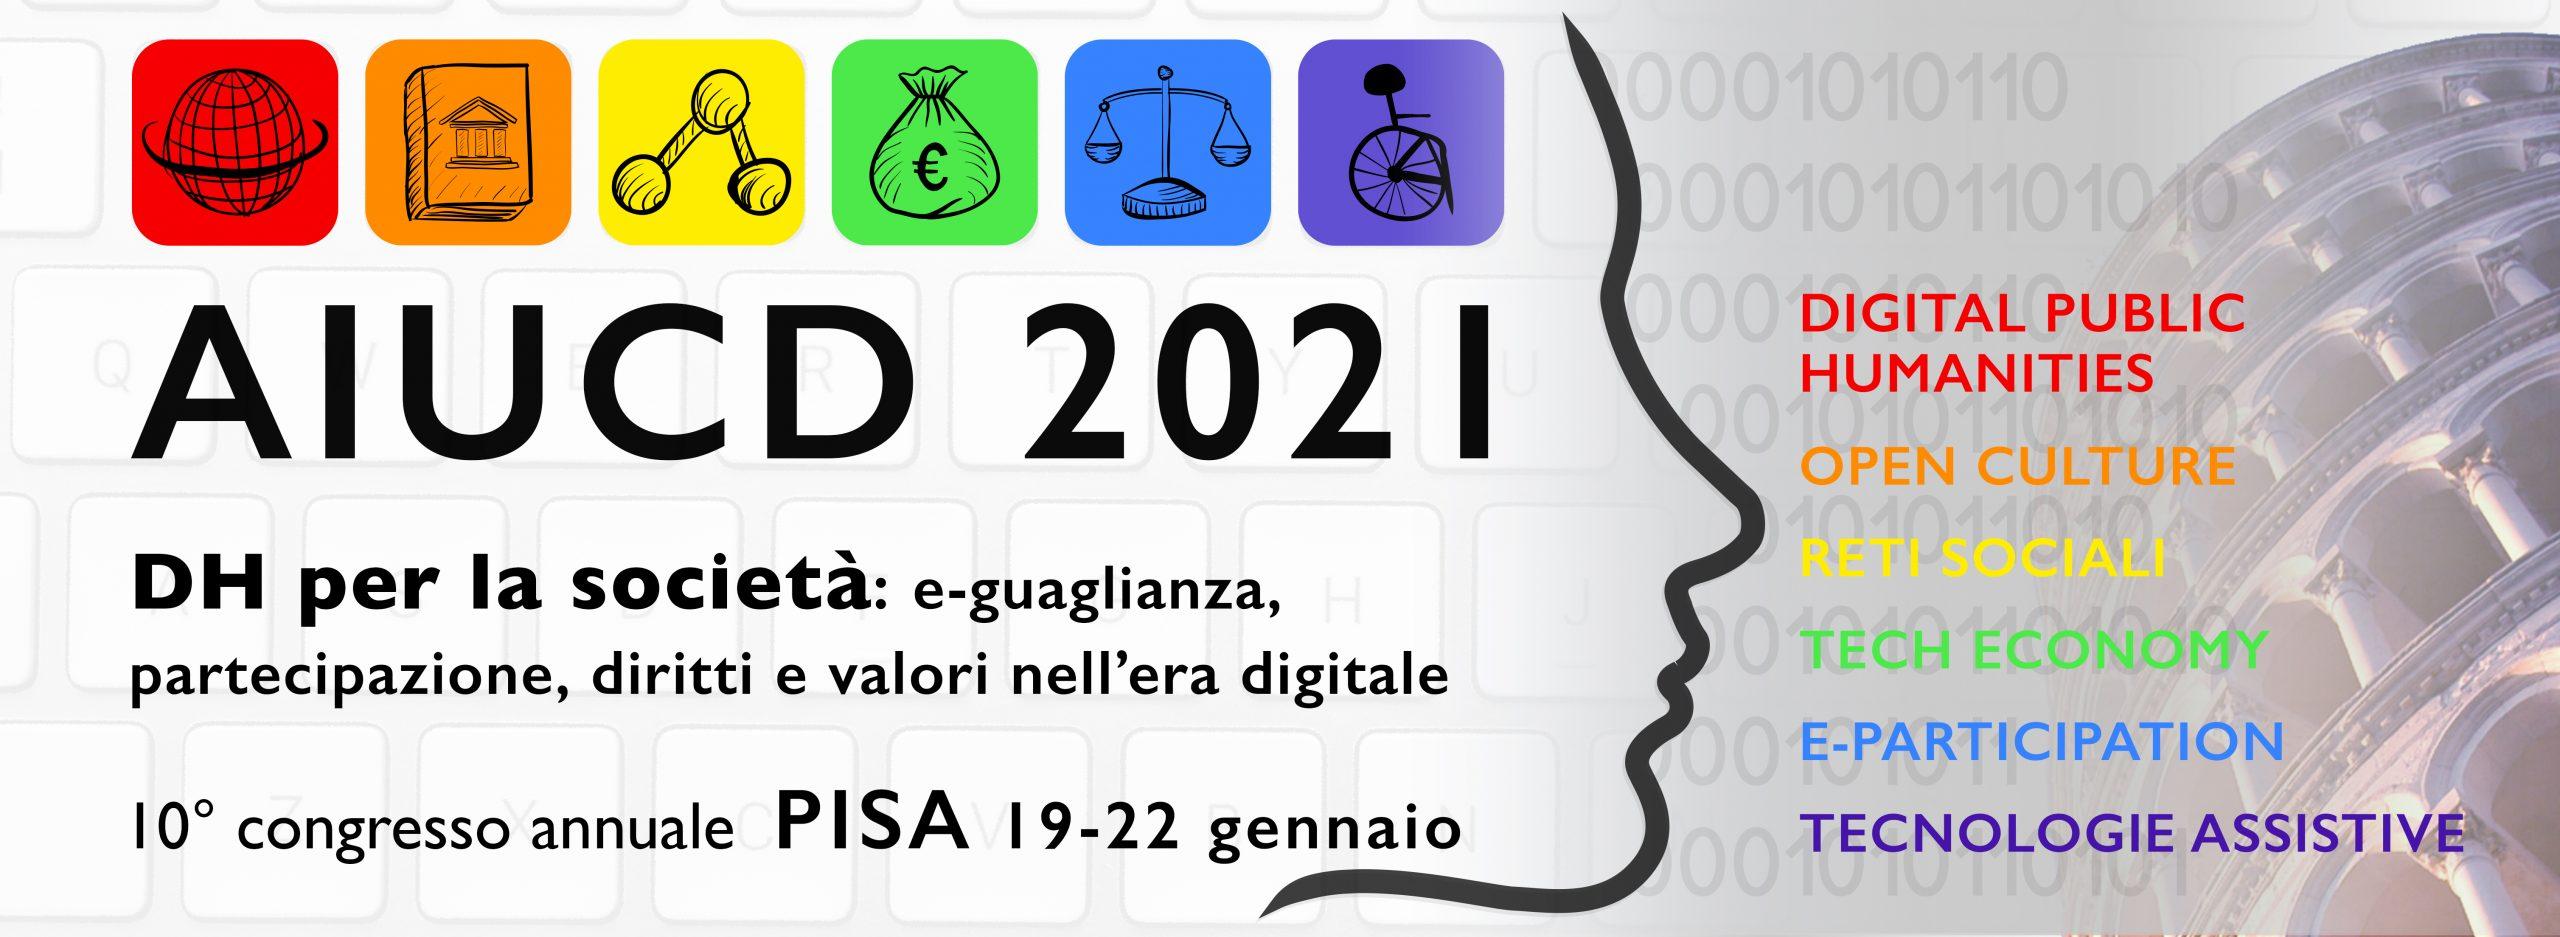 AIUCD 2021 Registrazioni Aperte